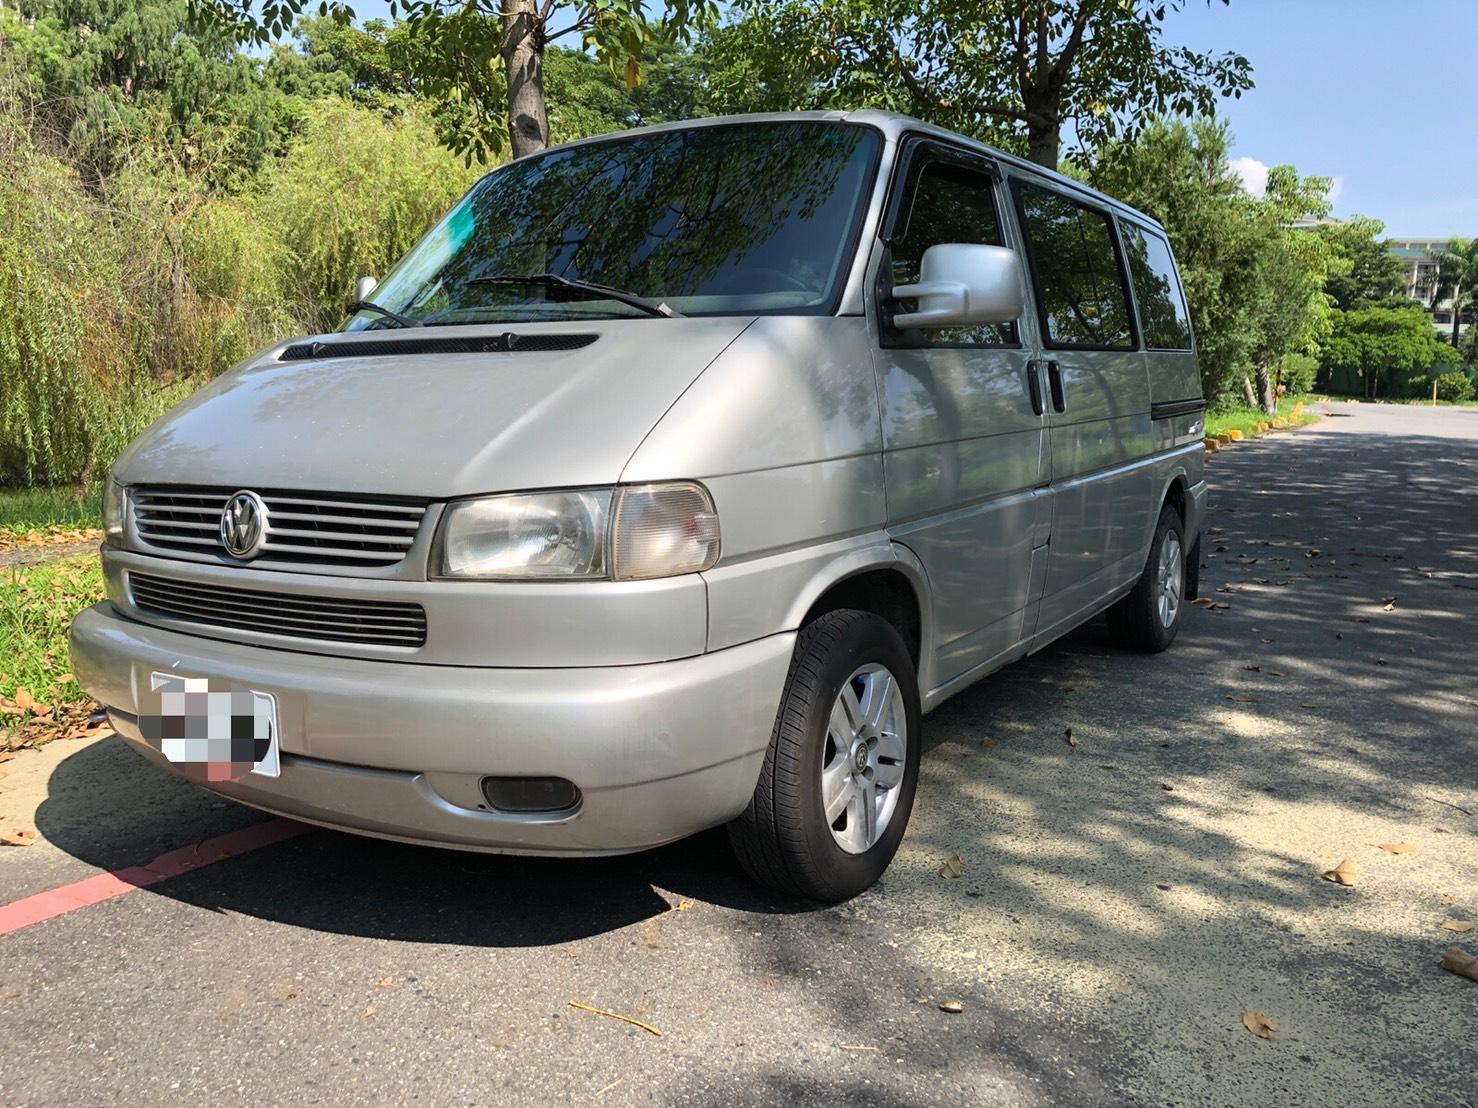 2004 Volkswagen 福斯 商用車